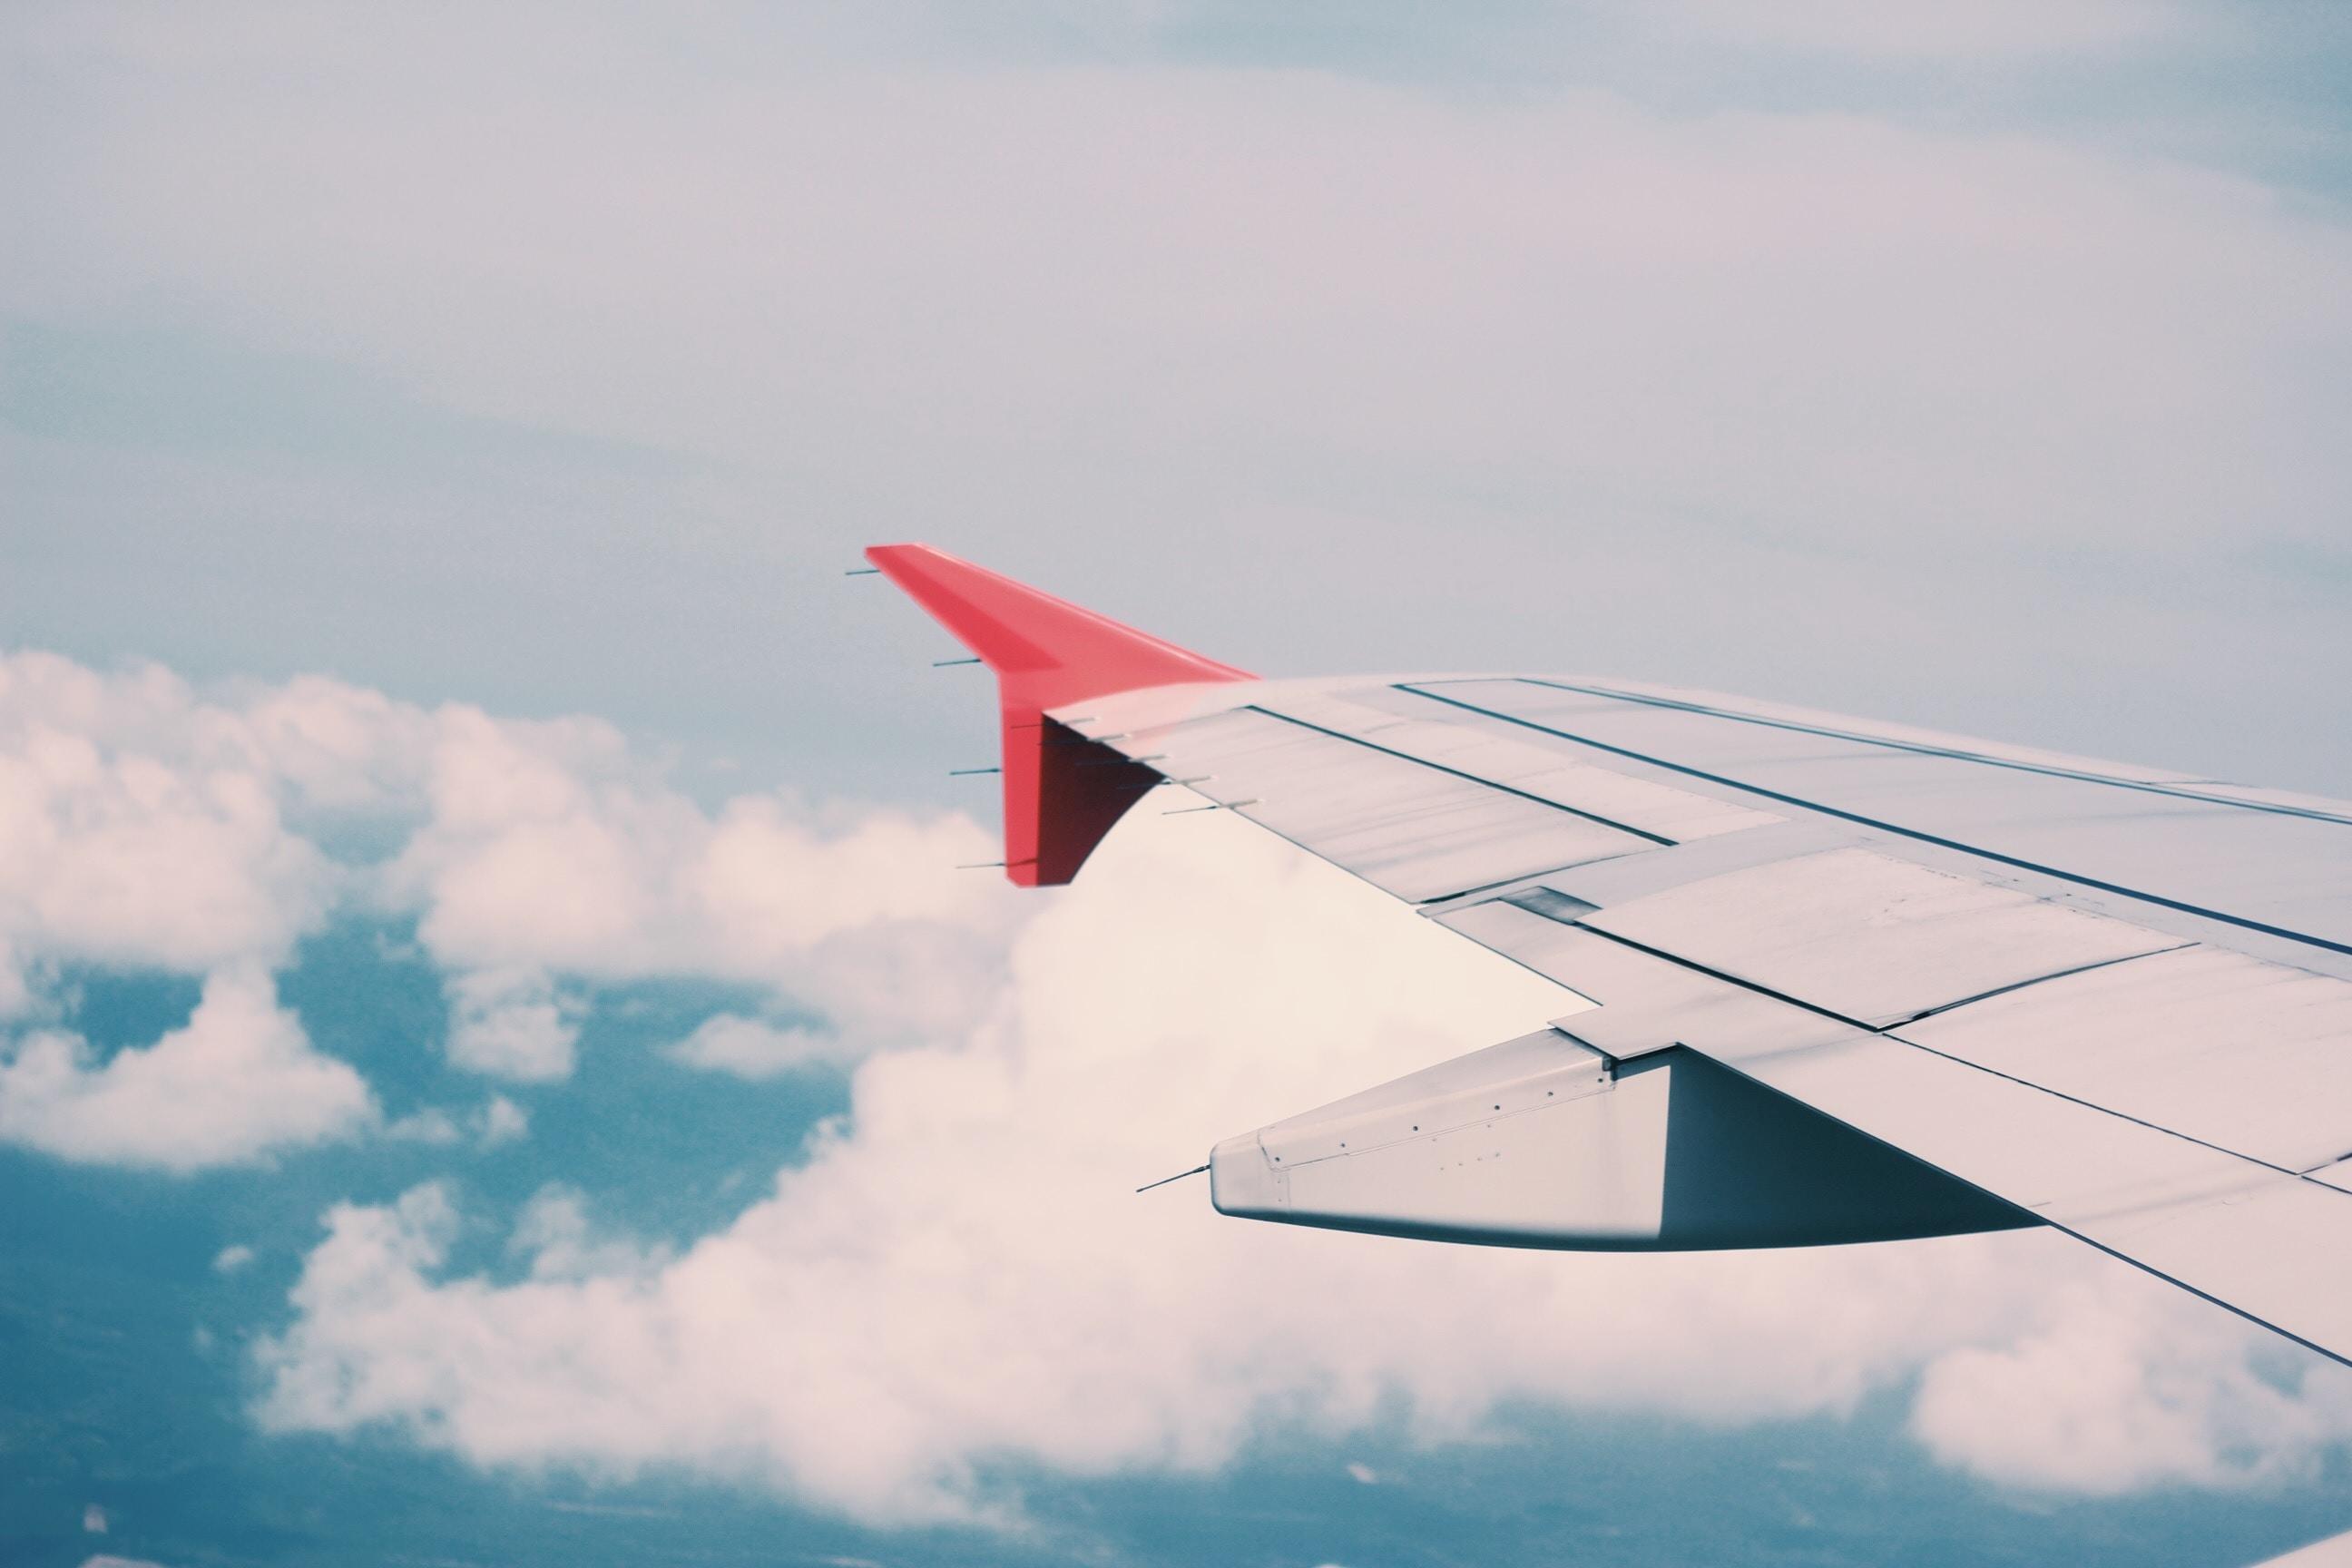 Aeroportos se preparam para alta temporada